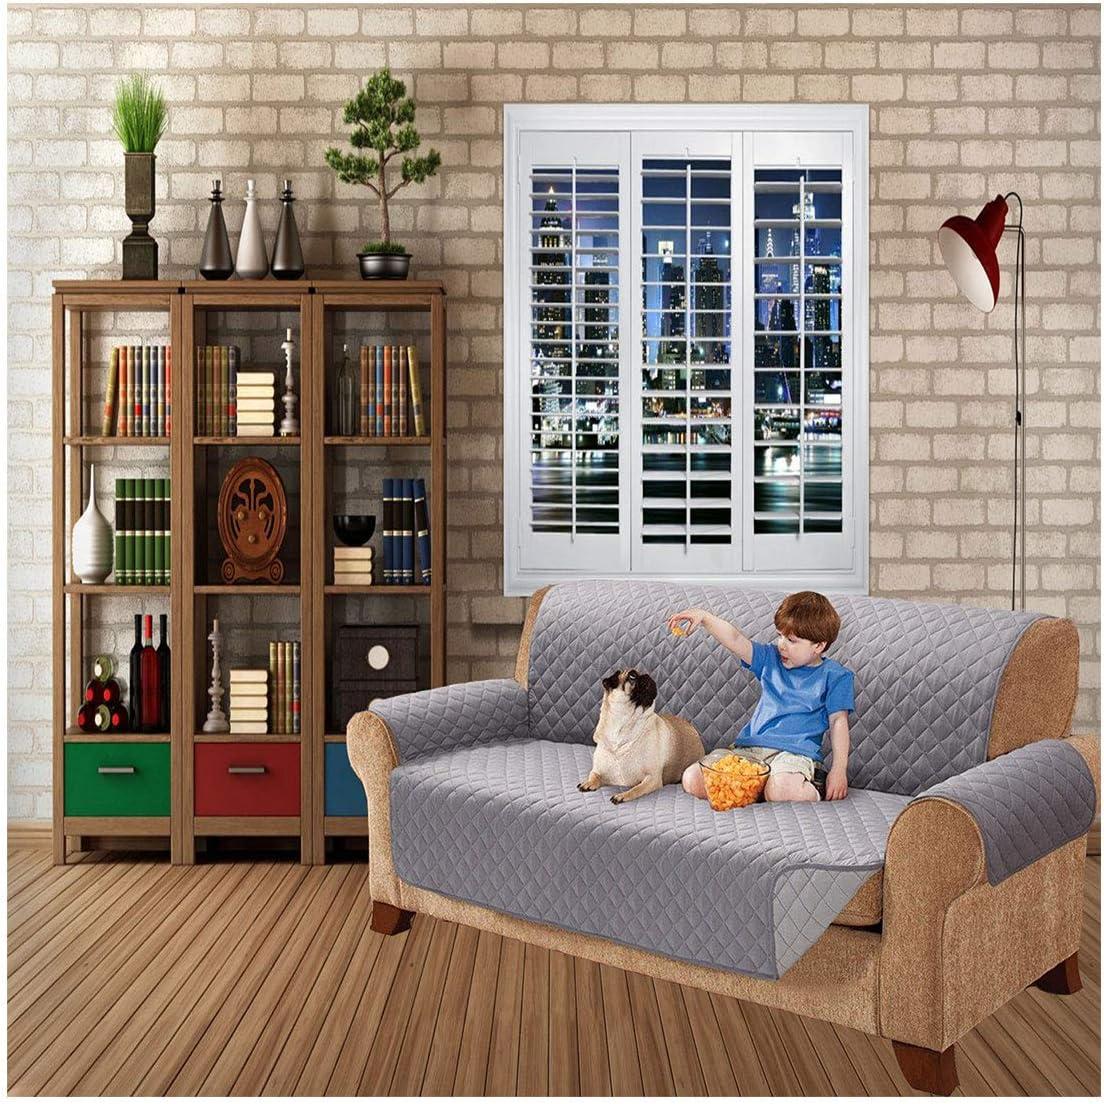 per divani di tutte le misure 1 posto Nero Copri-divano trapuntato impermeabile